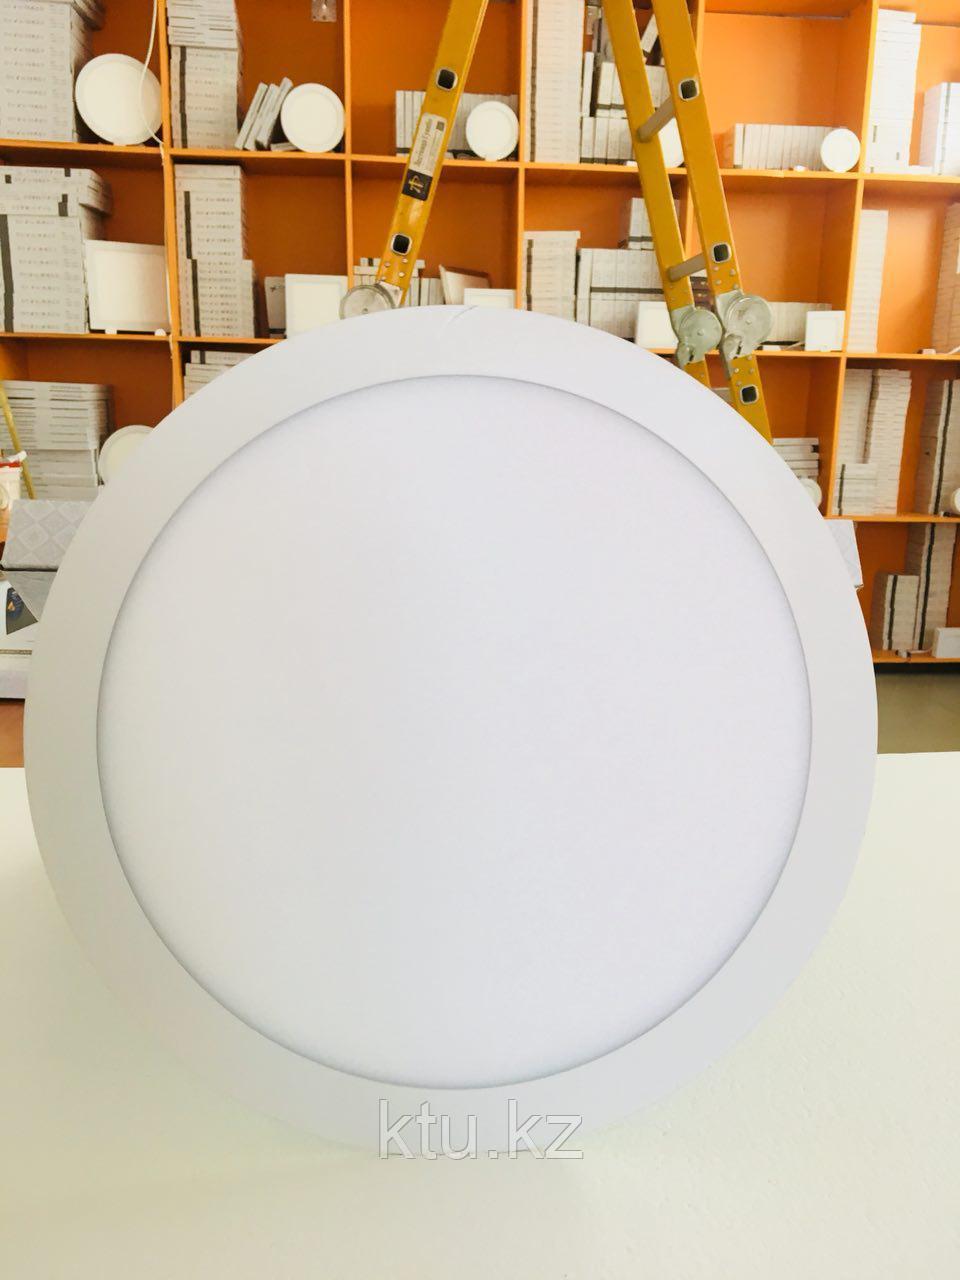 Светильники (споты) JL-F 18W,внутренний 1год гарантия